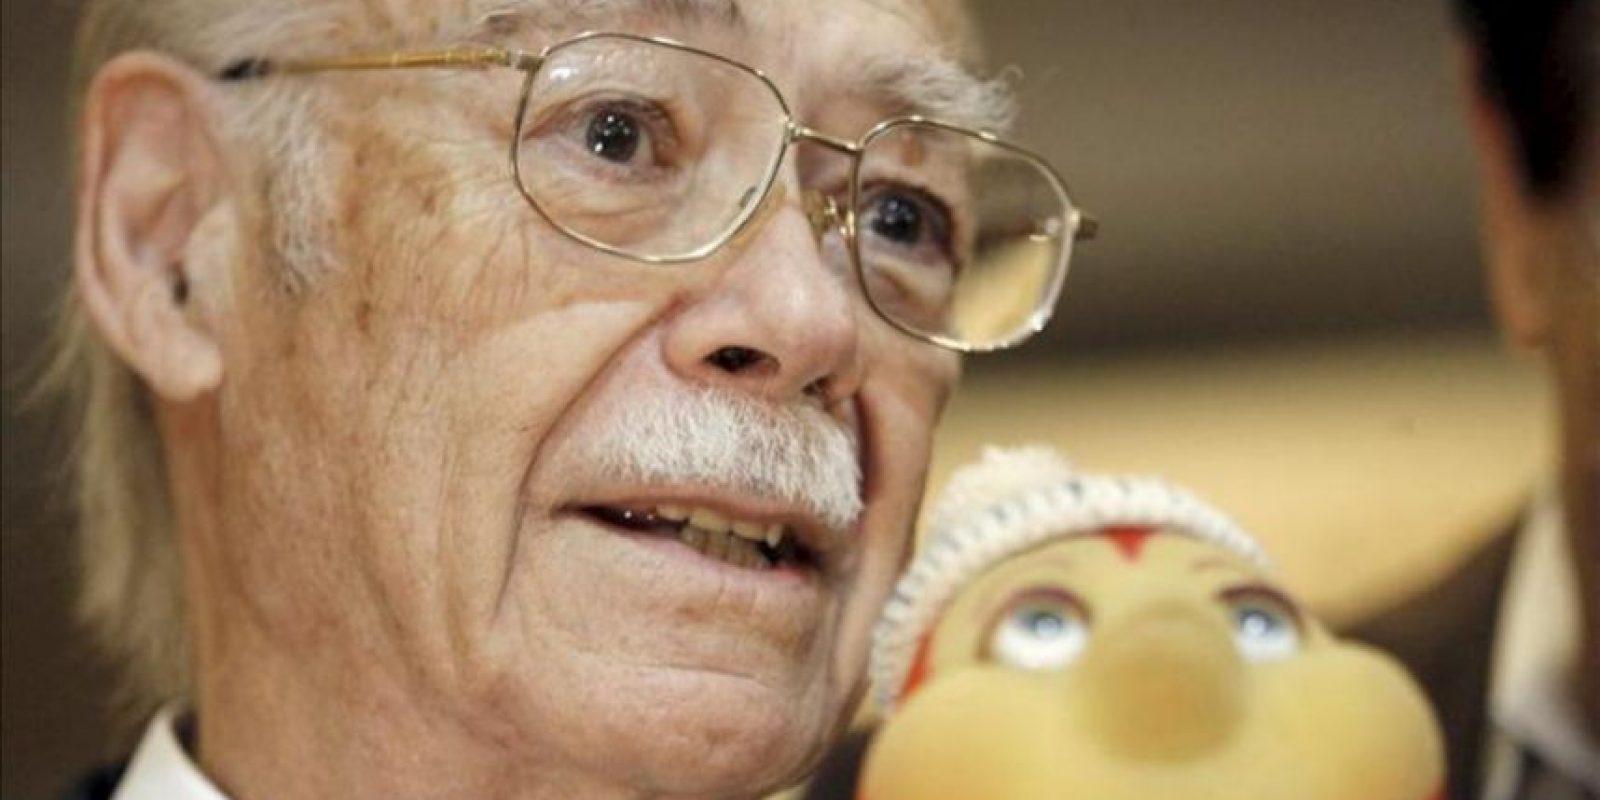 El historietista argentino de origen español Manuel García Ferré junto a un muñeco de su personaje Petete. EFE/Archivo